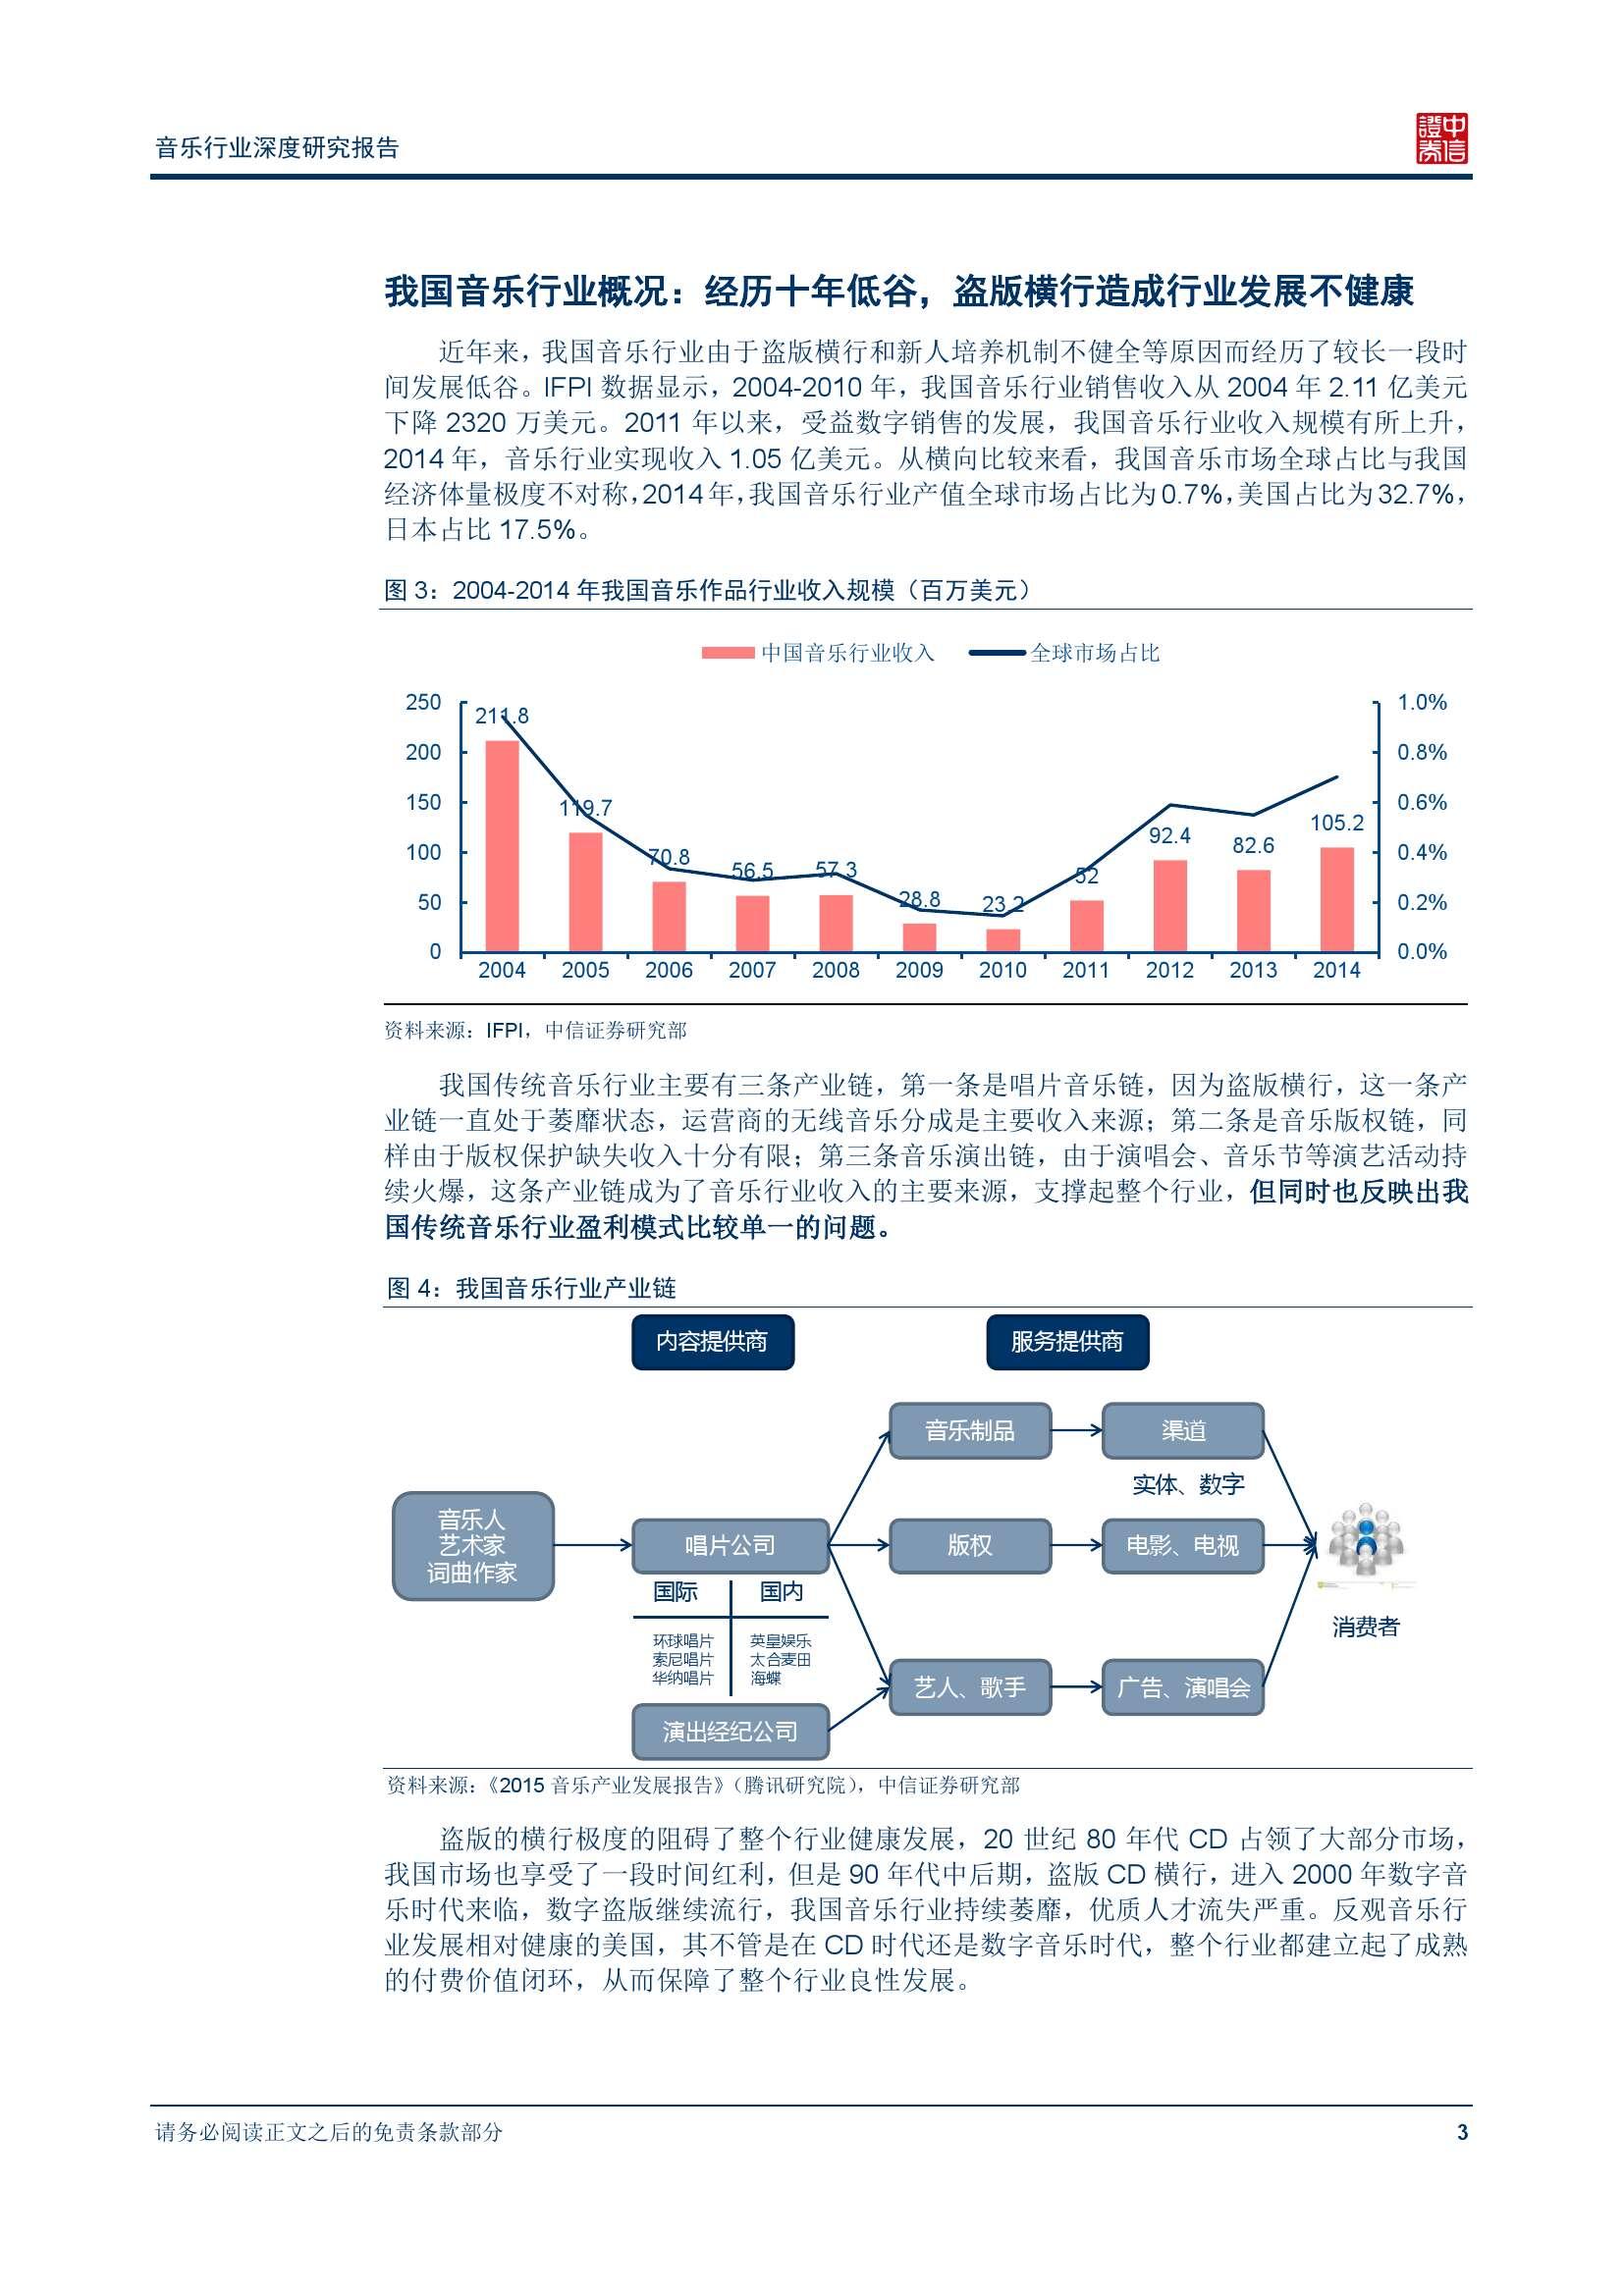 中信证券音乐行业深度研究报告_000008